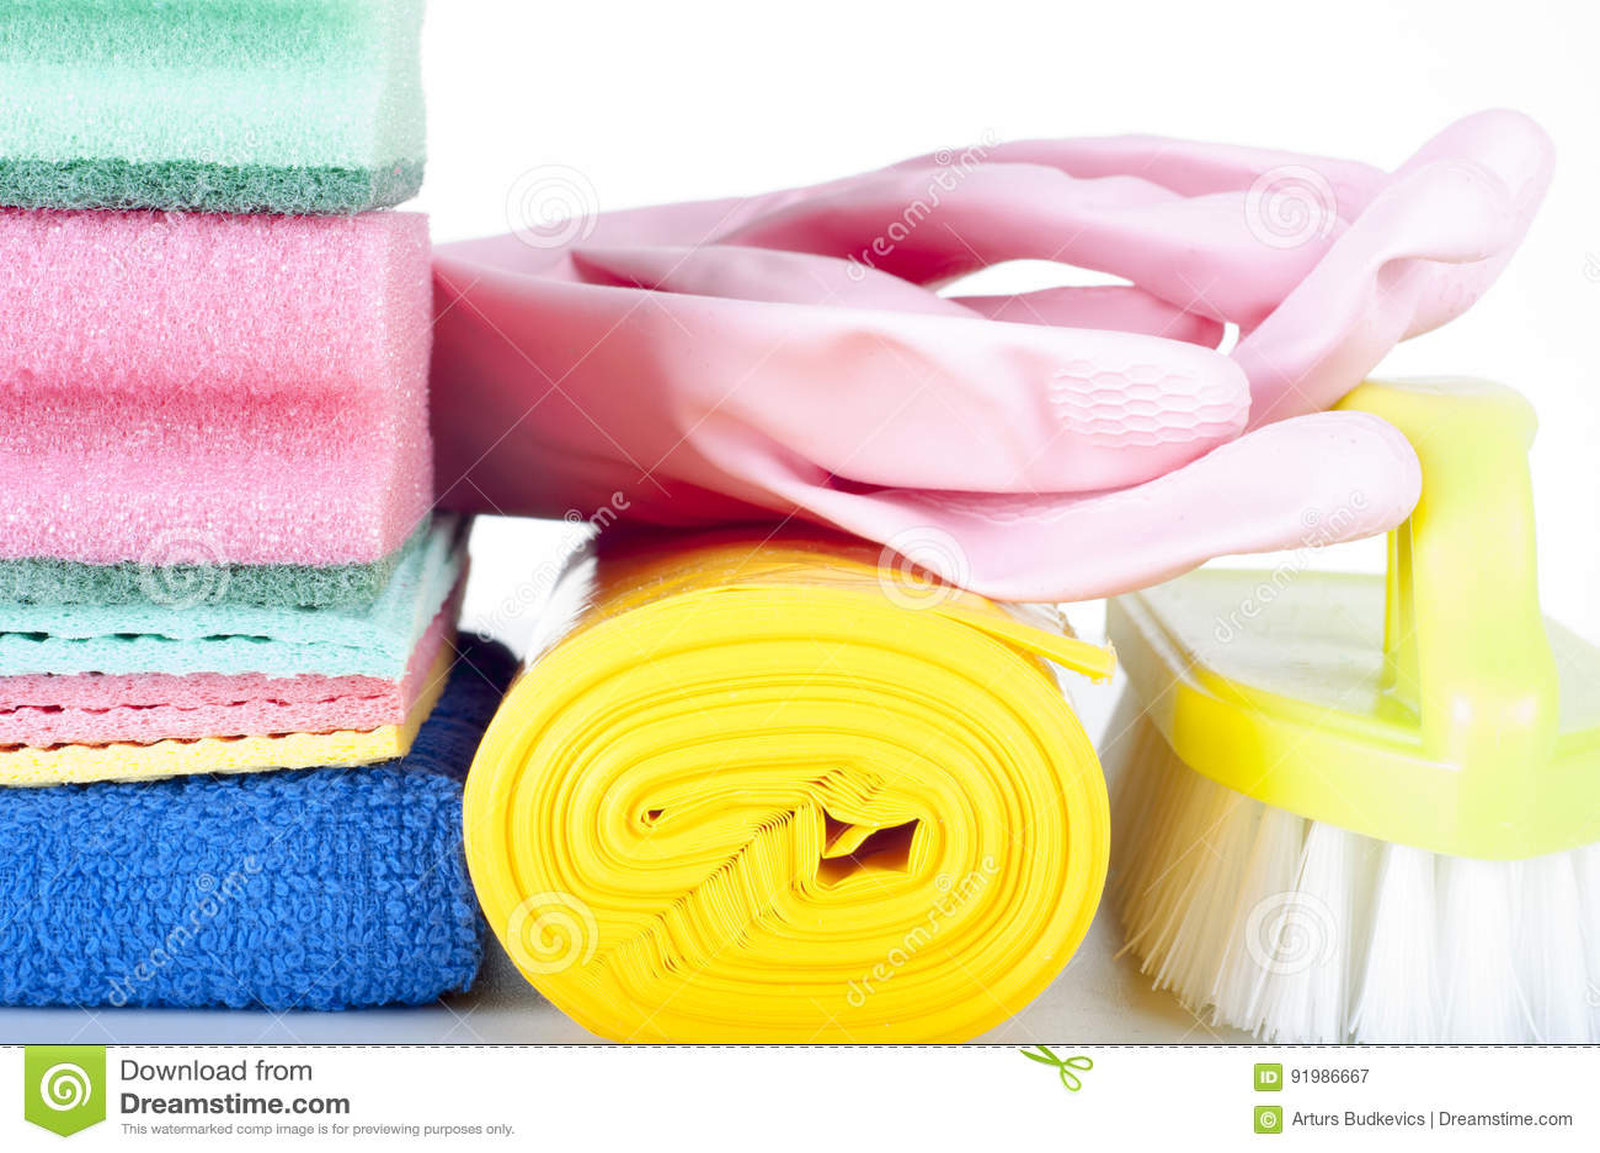 Limpieza a fondo de la casa great una limpieza a fondo en - Limpieza a fondo casa ...